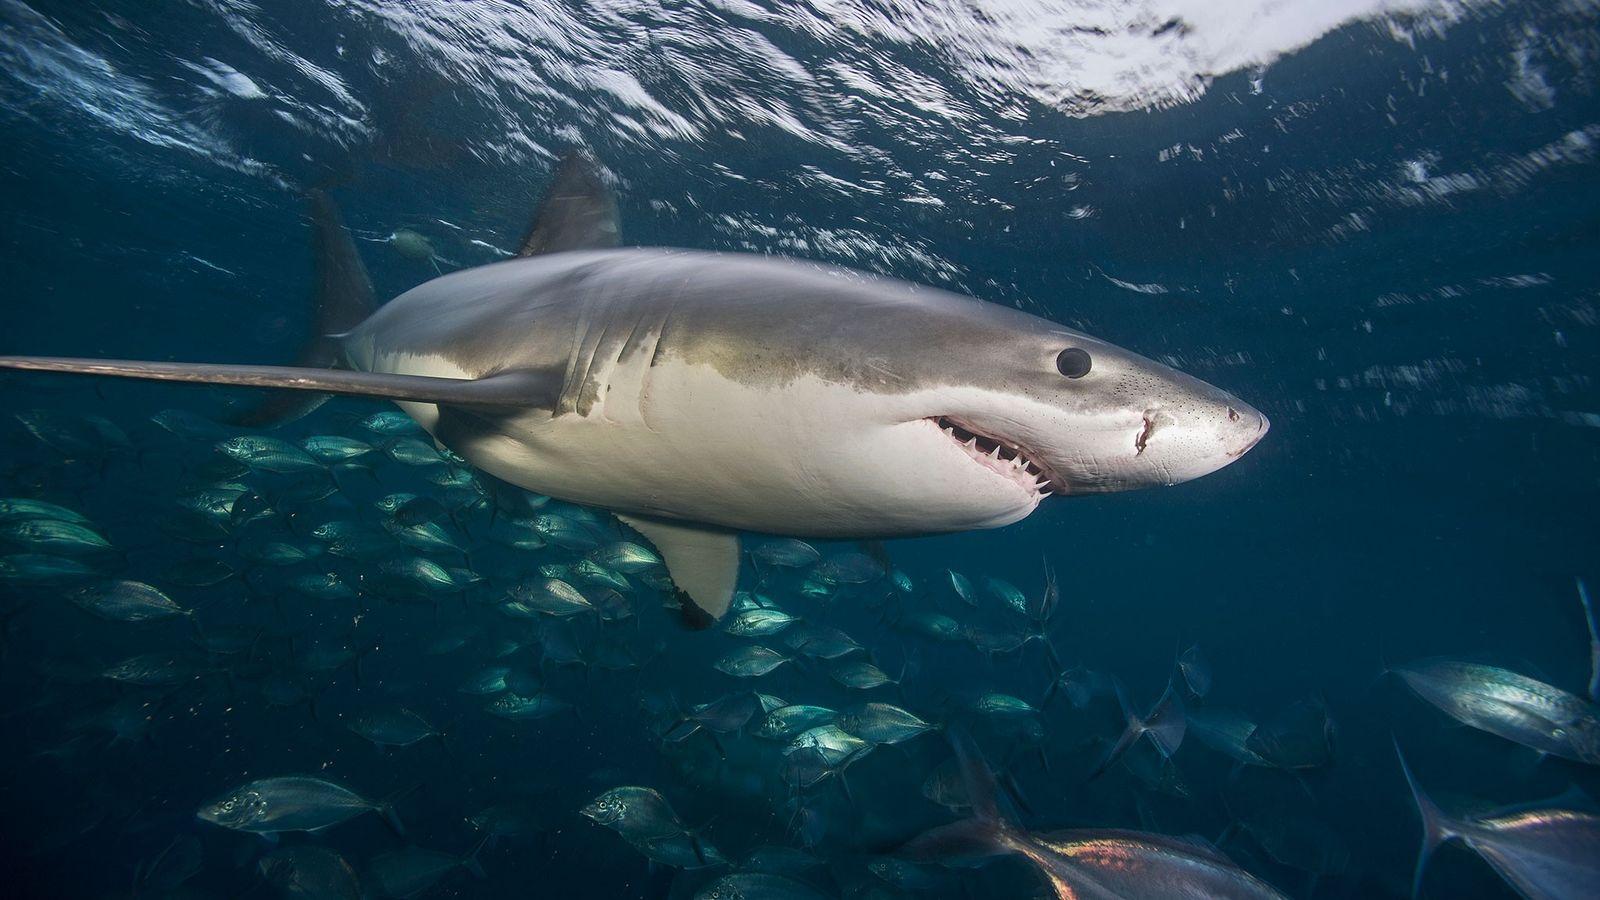 Um grande tubarão branco nada nas águas das ilhas Netuno.